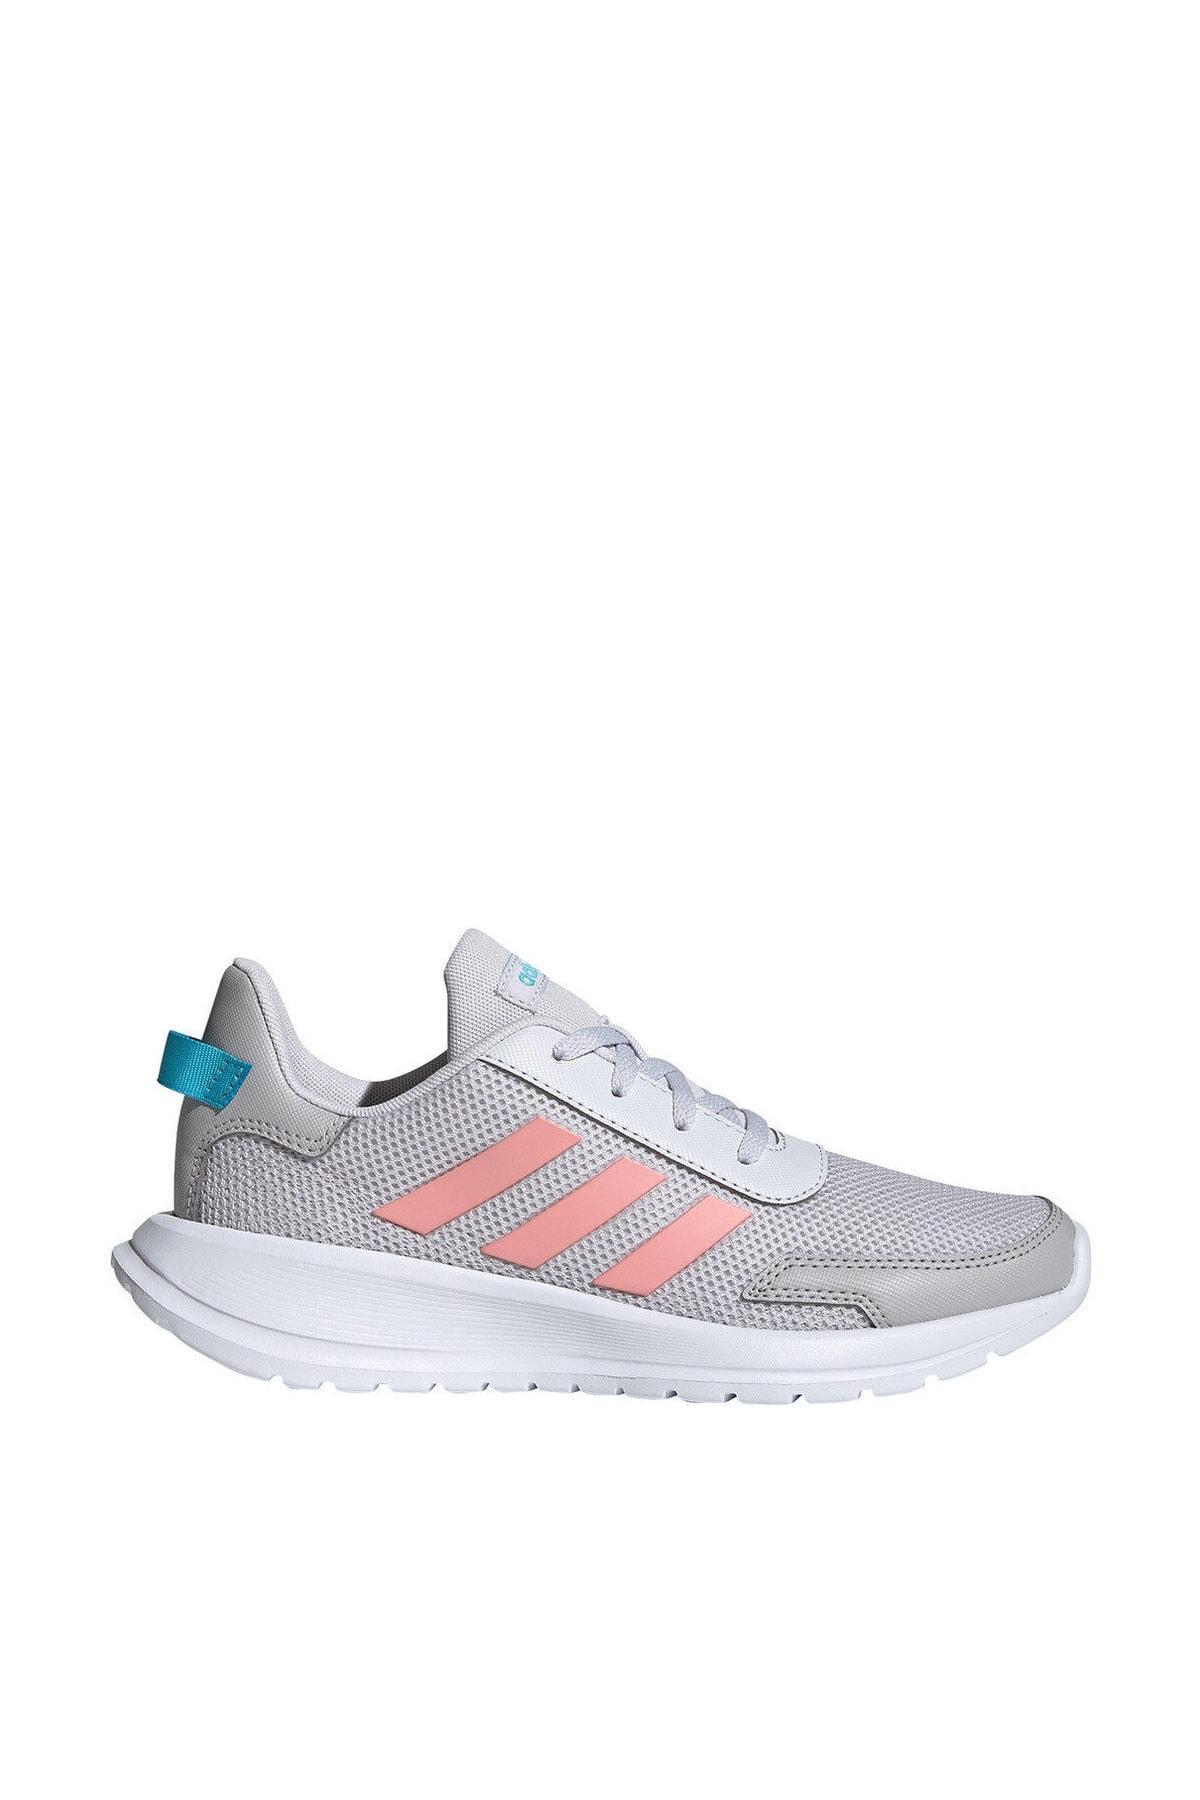 adidas TENSAUR RUN K Çocuk Koşu Ayakkabısı 2